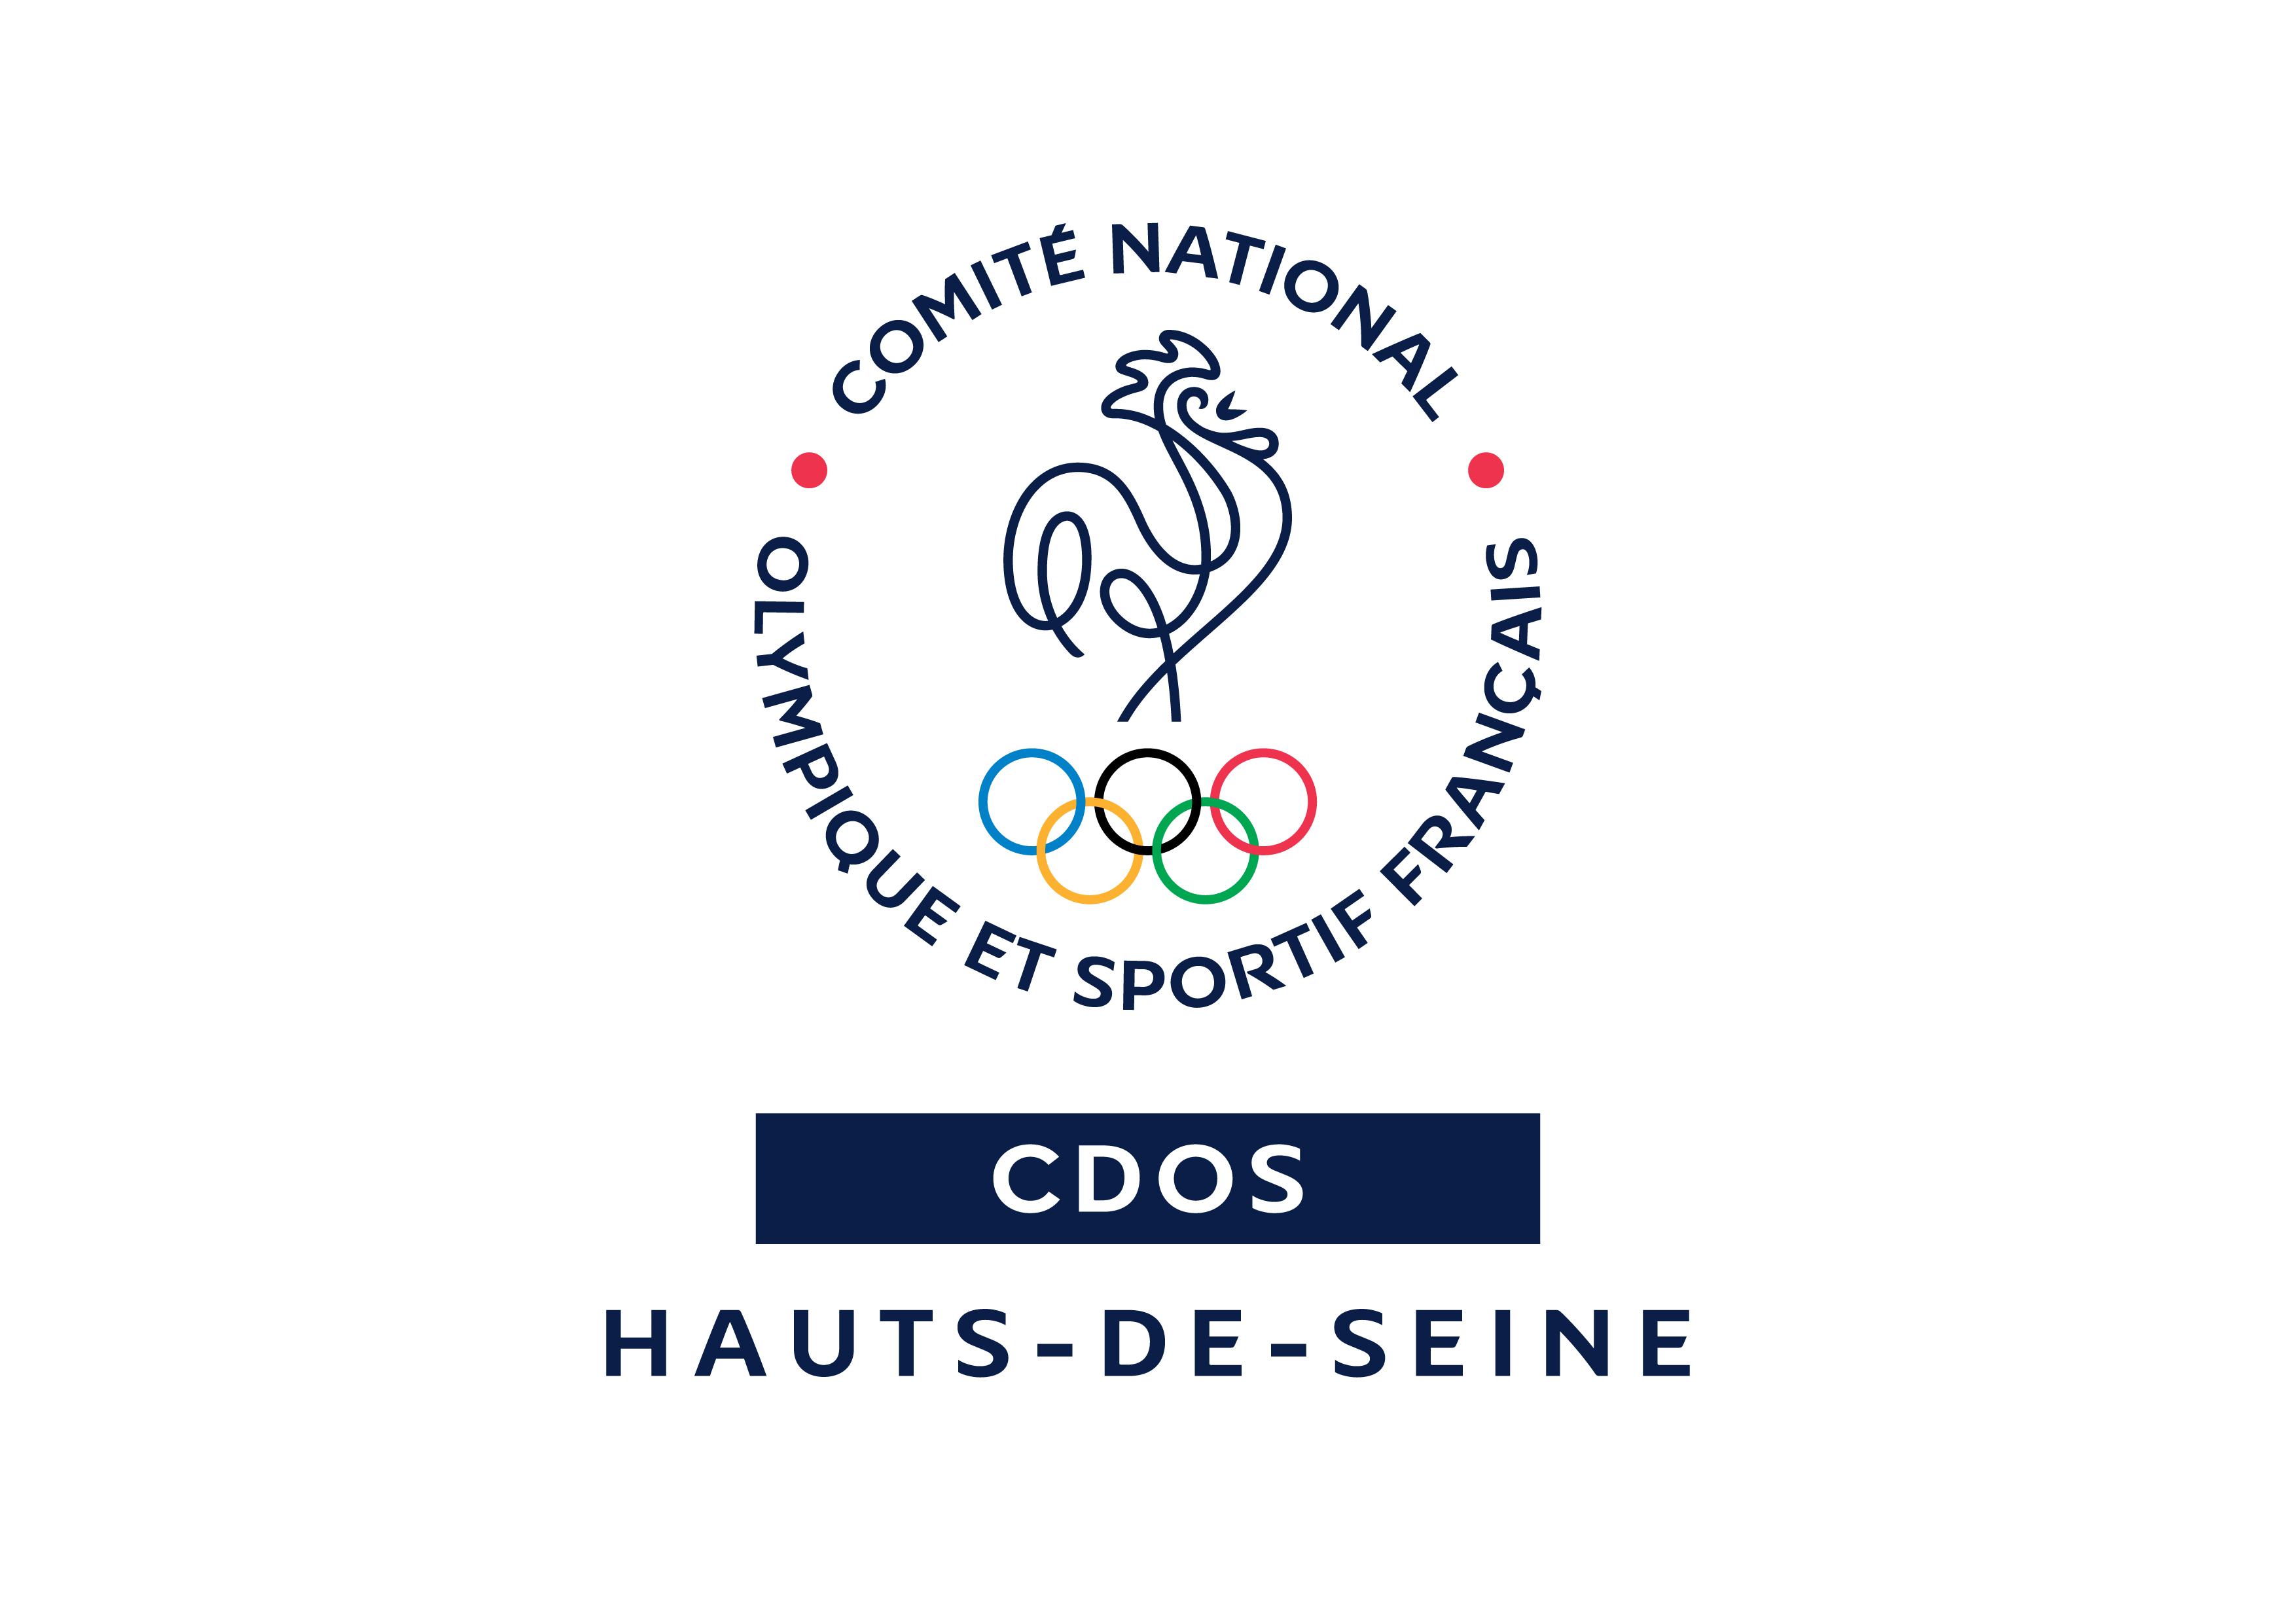 Charte & Serments Olympiques